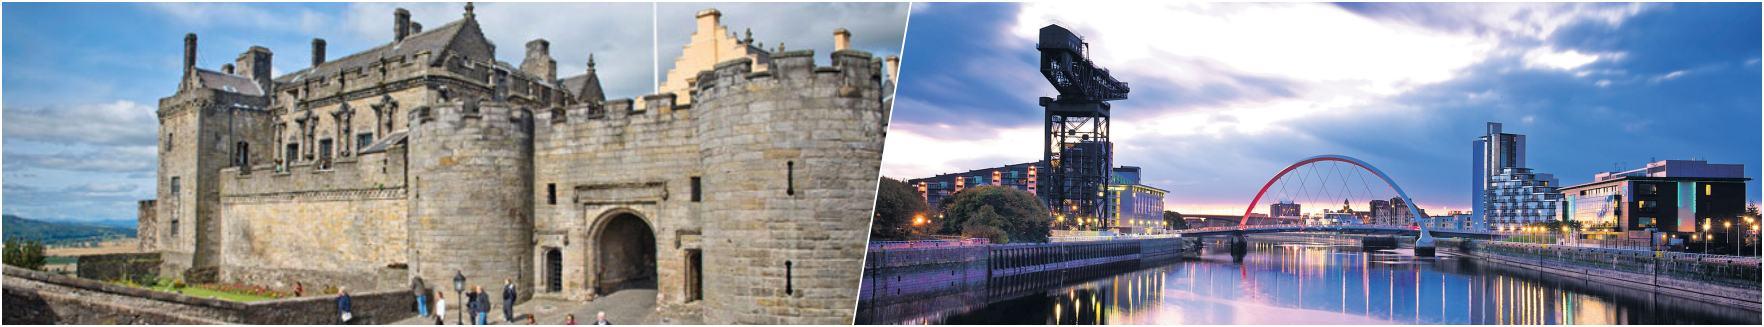 Stirling Castle - Clyde River